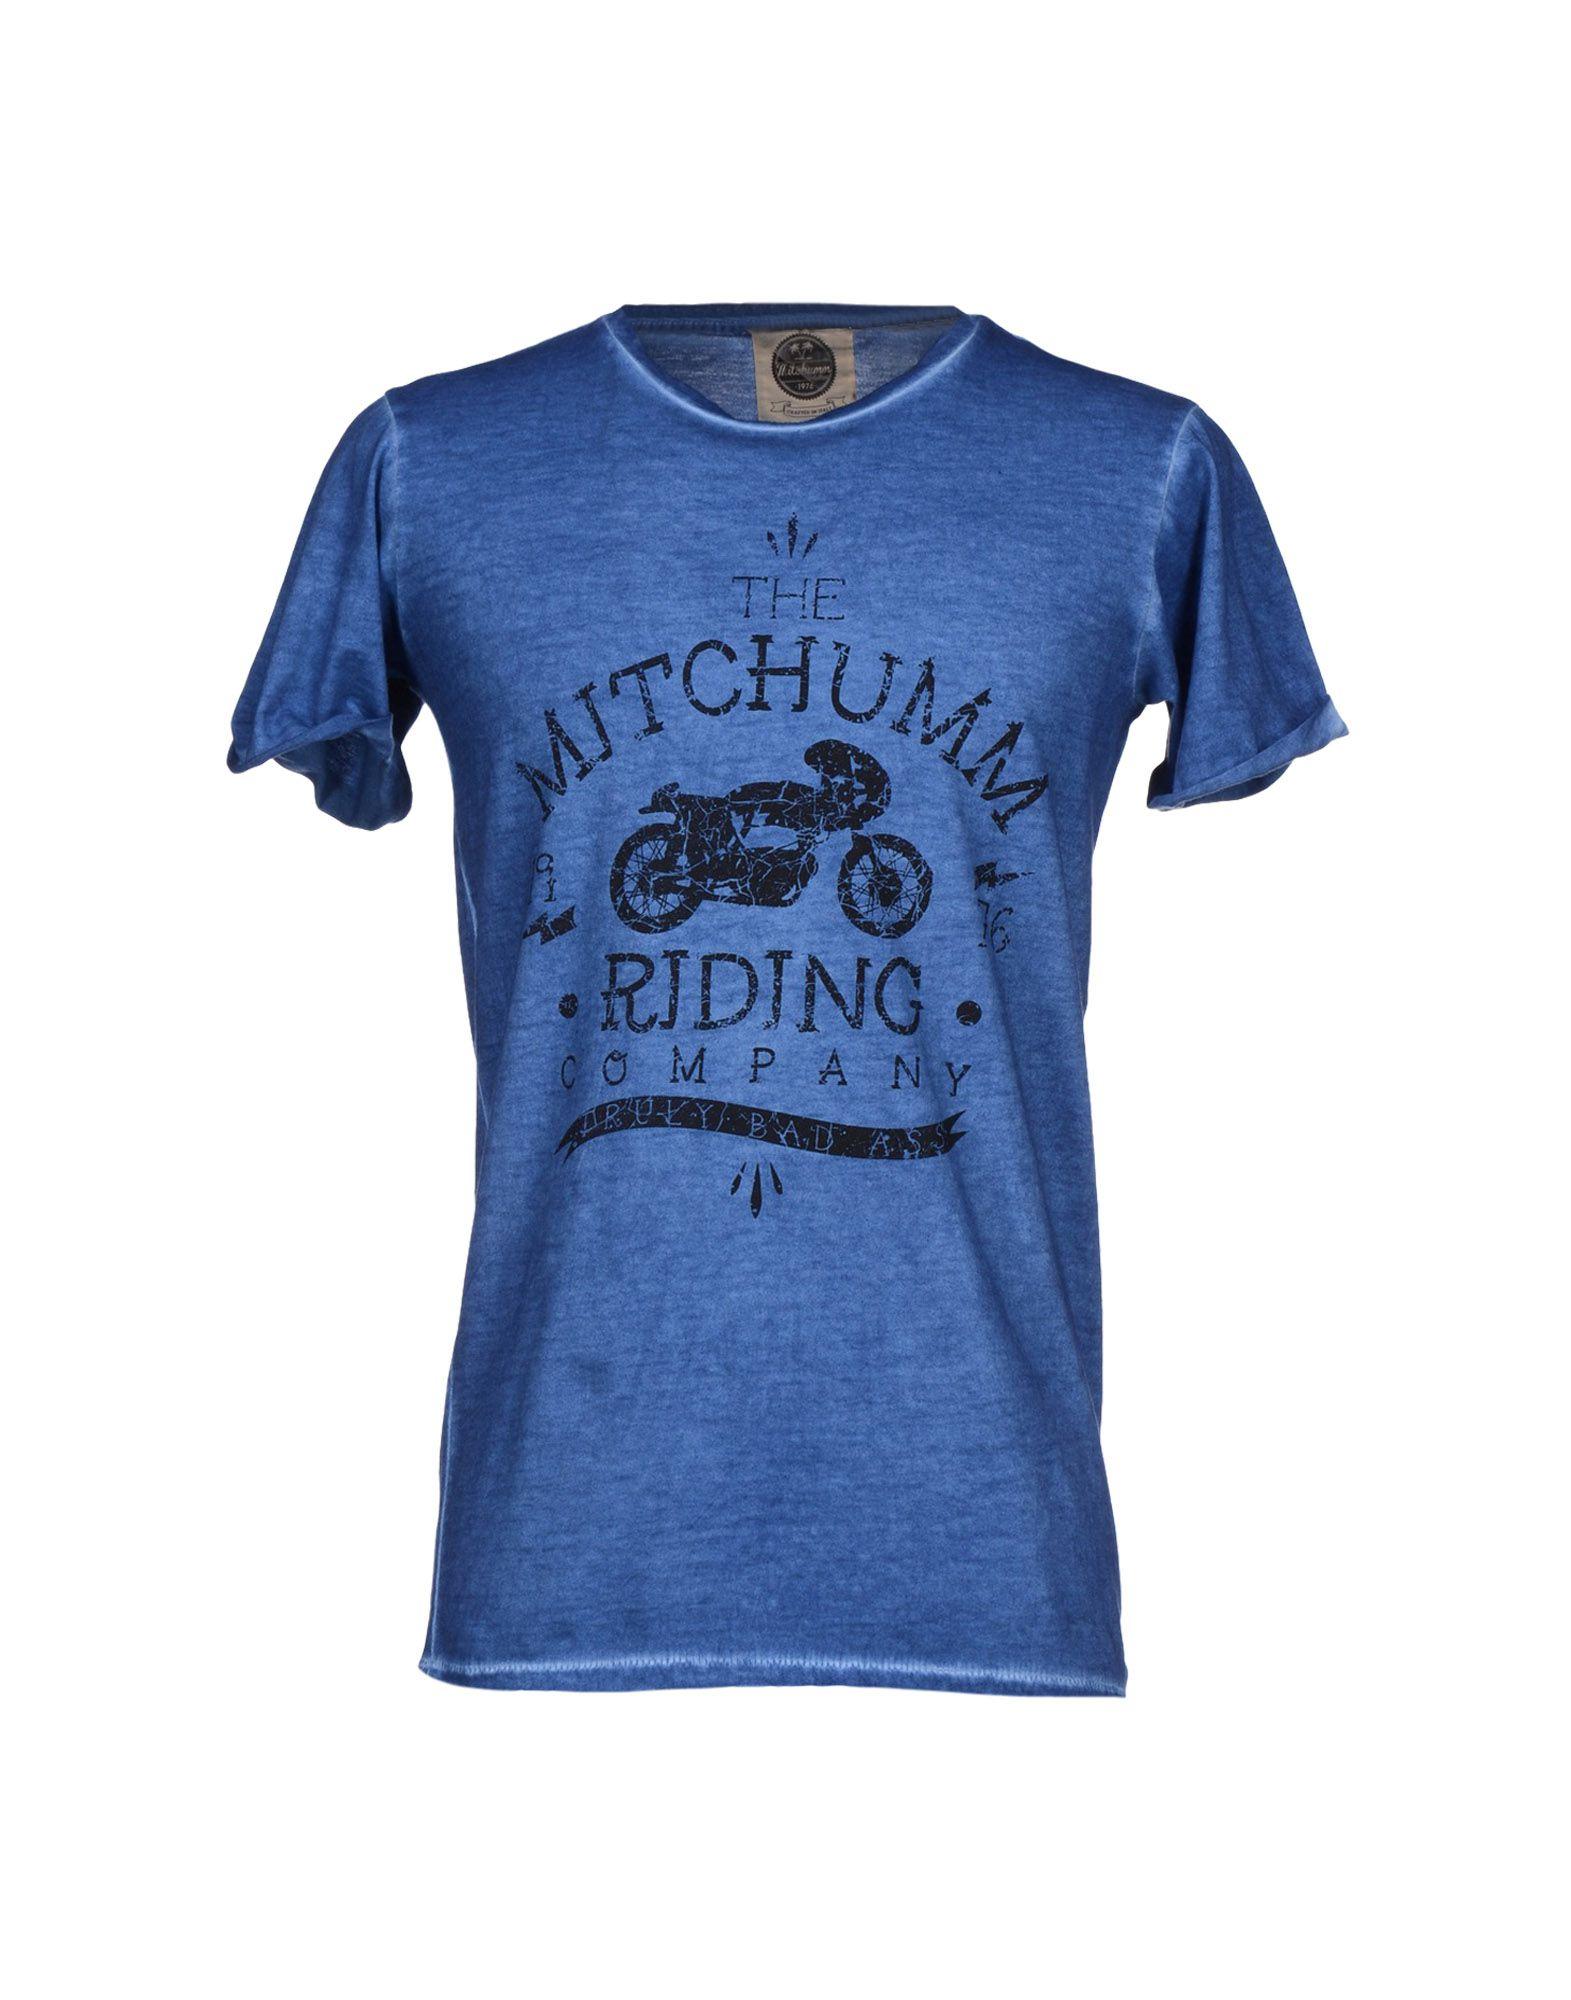 Mitchumm Industries T-shirts